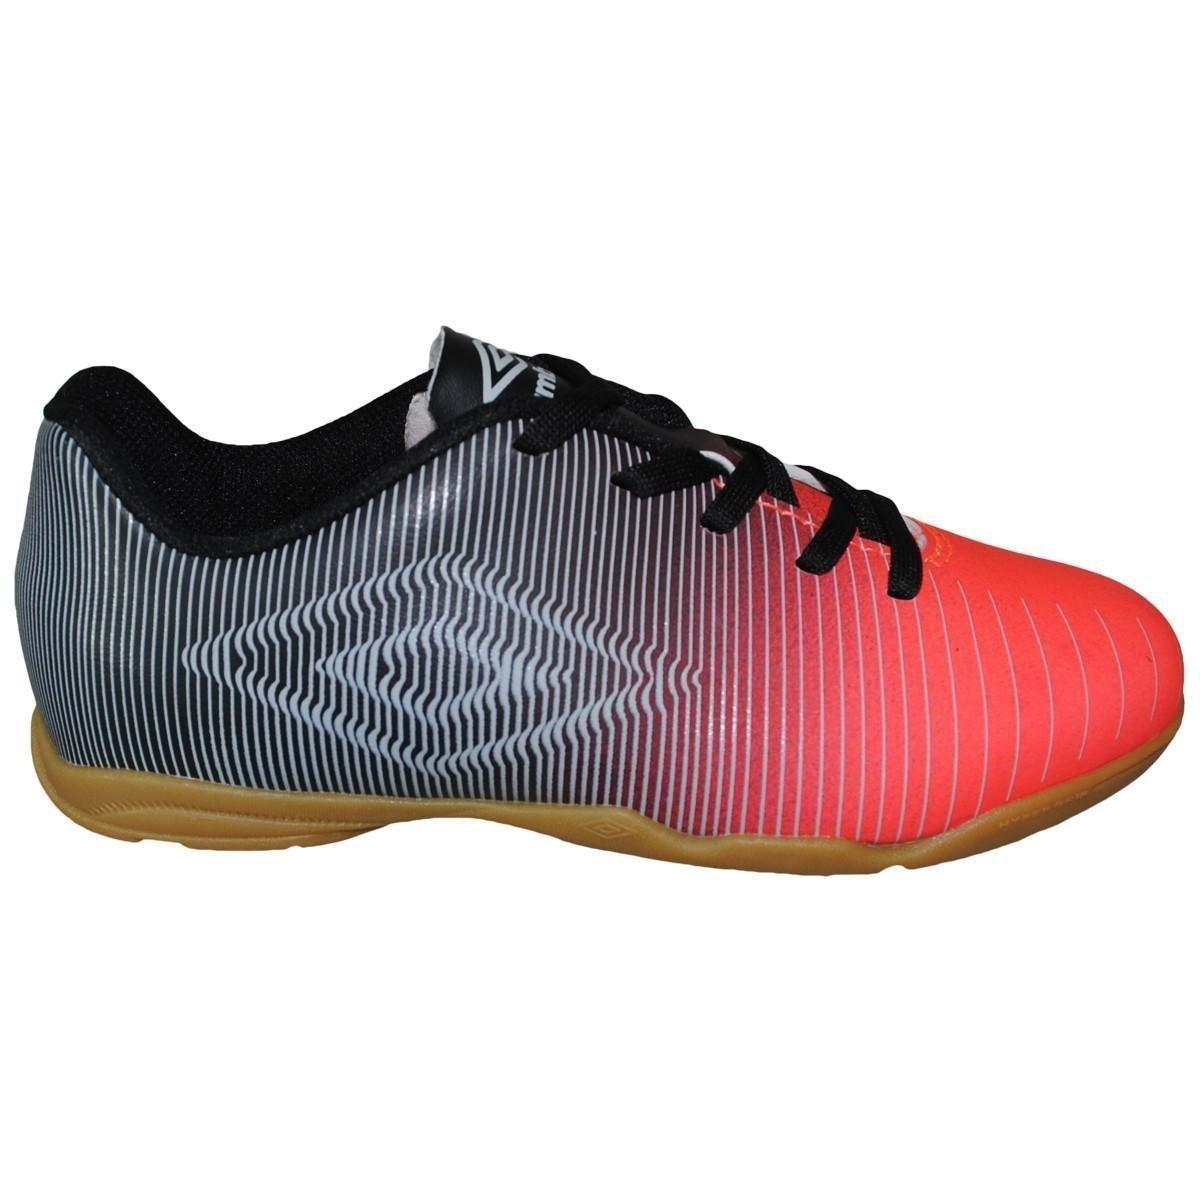 211bb987e3671 Tenis Futsal Umbro Vibe J - Vermelho e Preto - Compre Agora